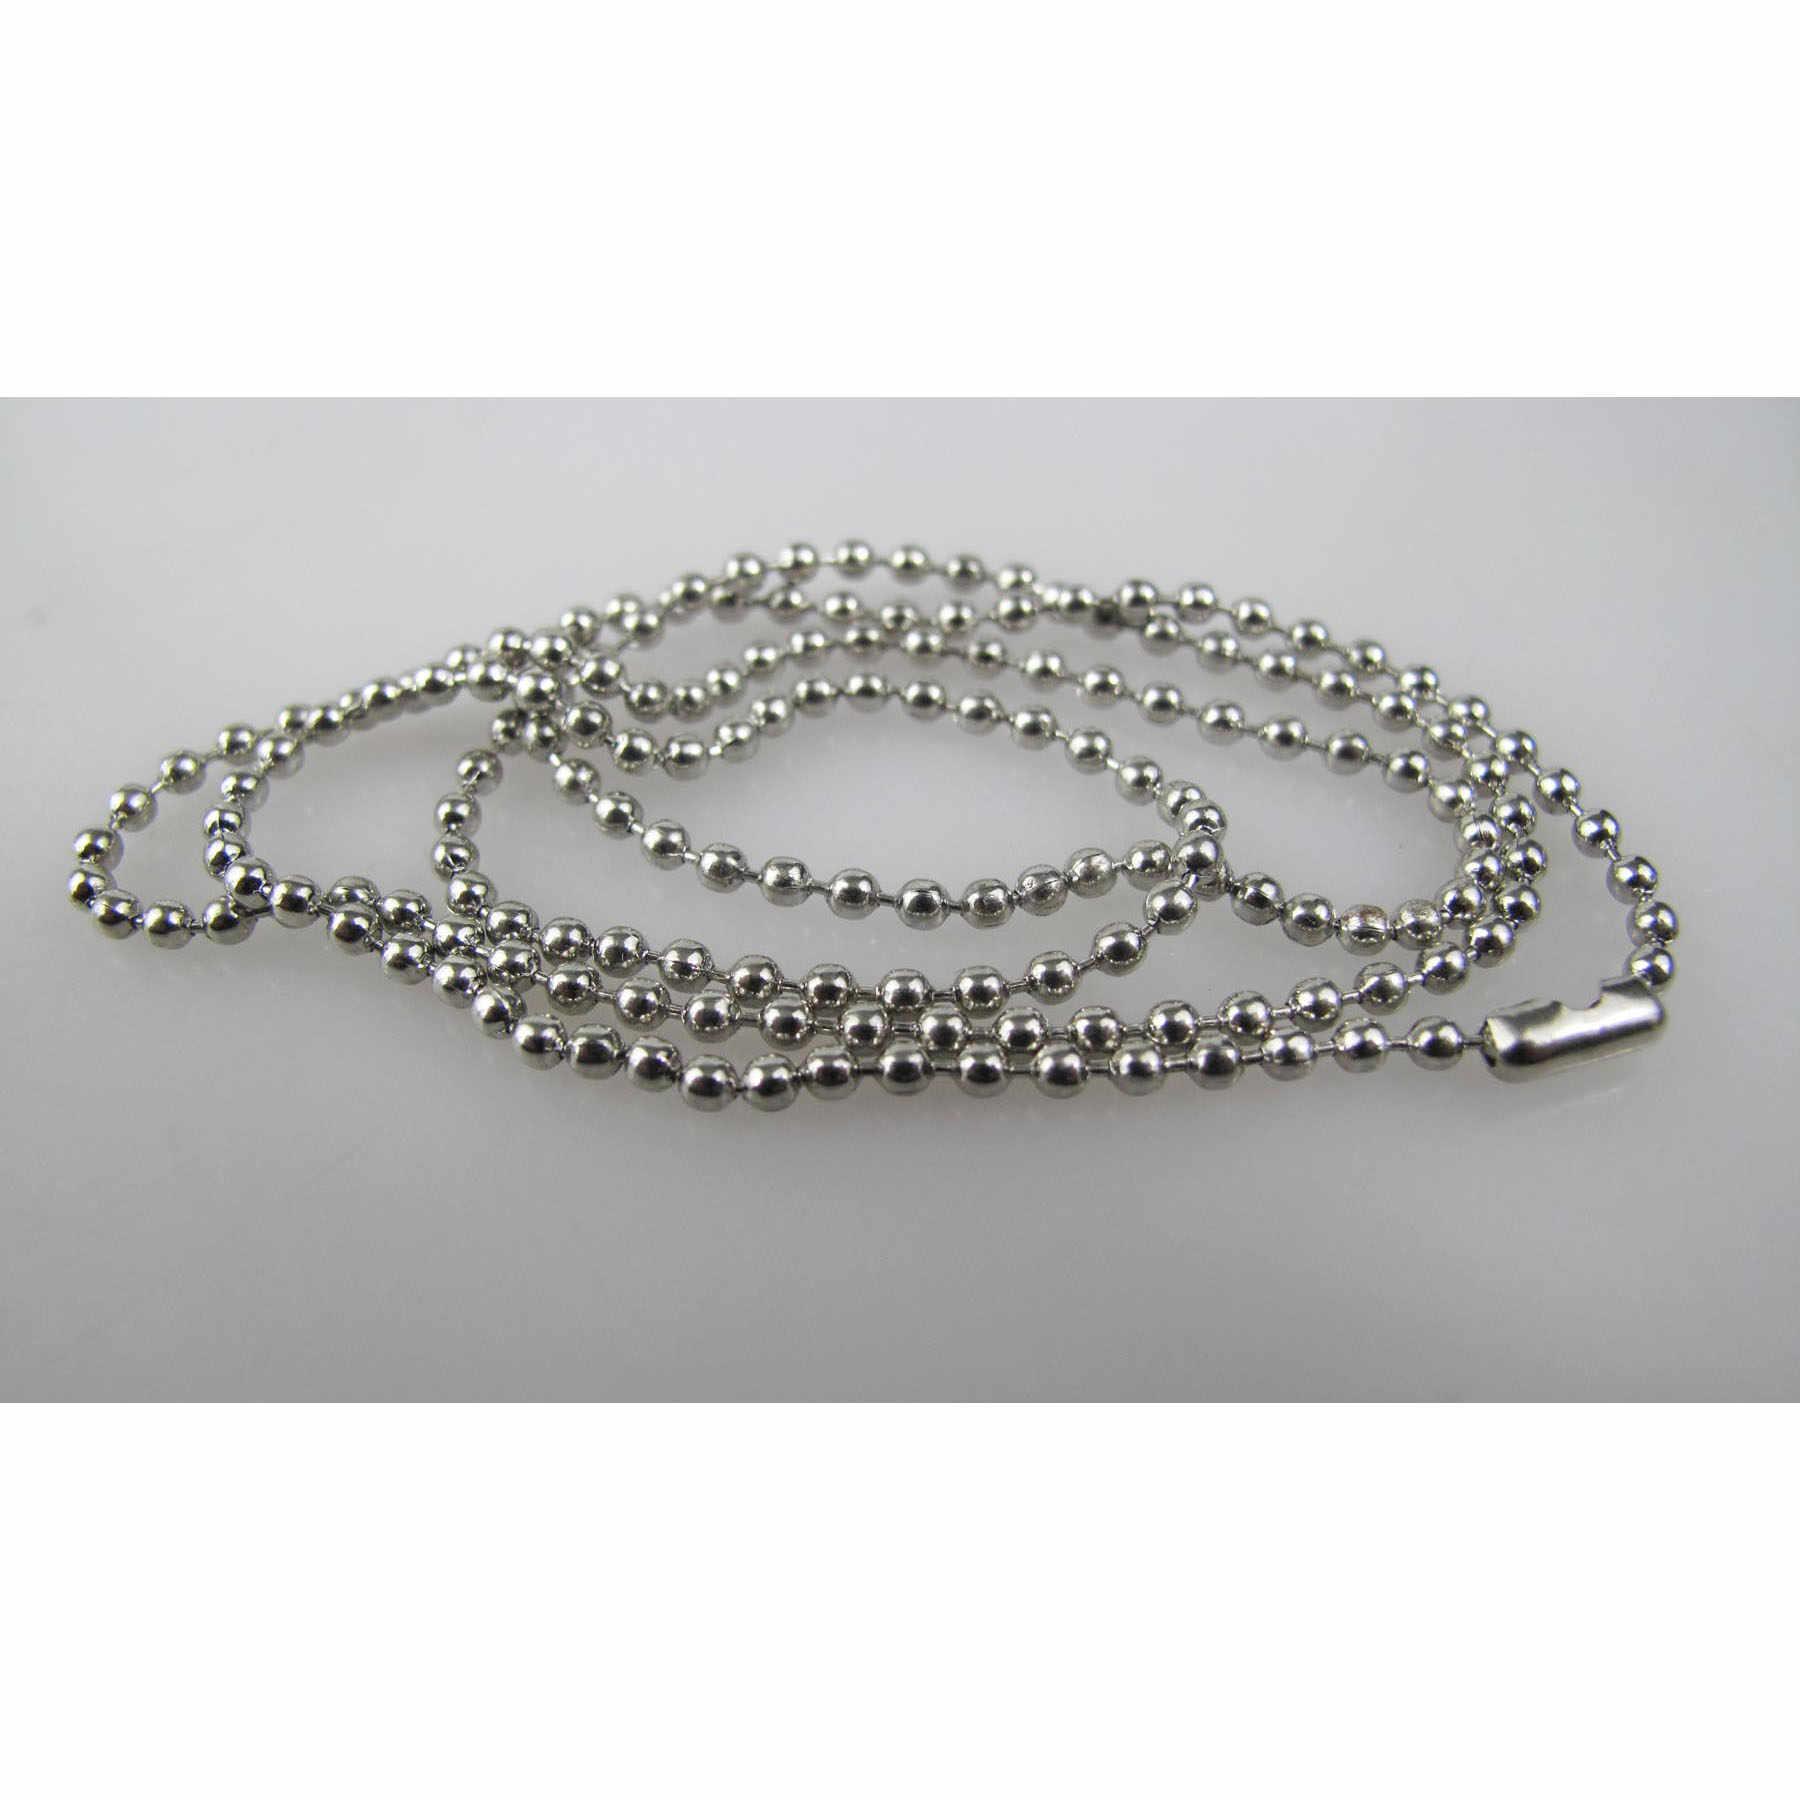 Diâmetro 2.4 milímetros comprimento 70 centímetros de prata banhado a cadeia de bola cadeia de esferas de aço para tag de cão